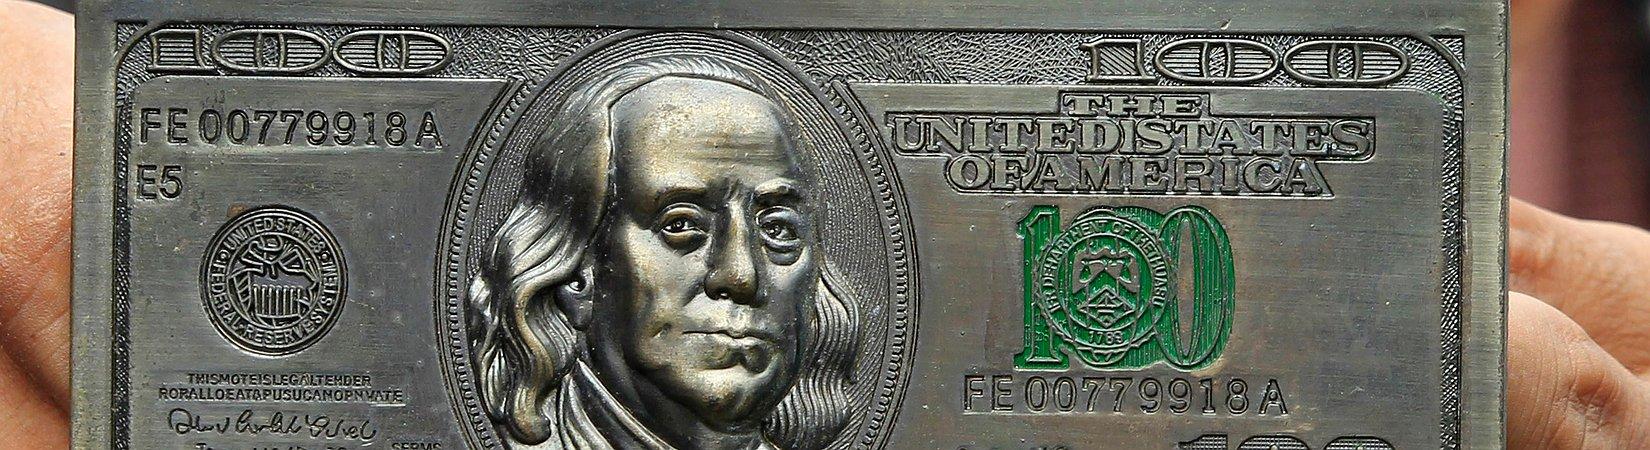 ¿Por qué un dólar fuerte es una amenaza para la economía mundial?